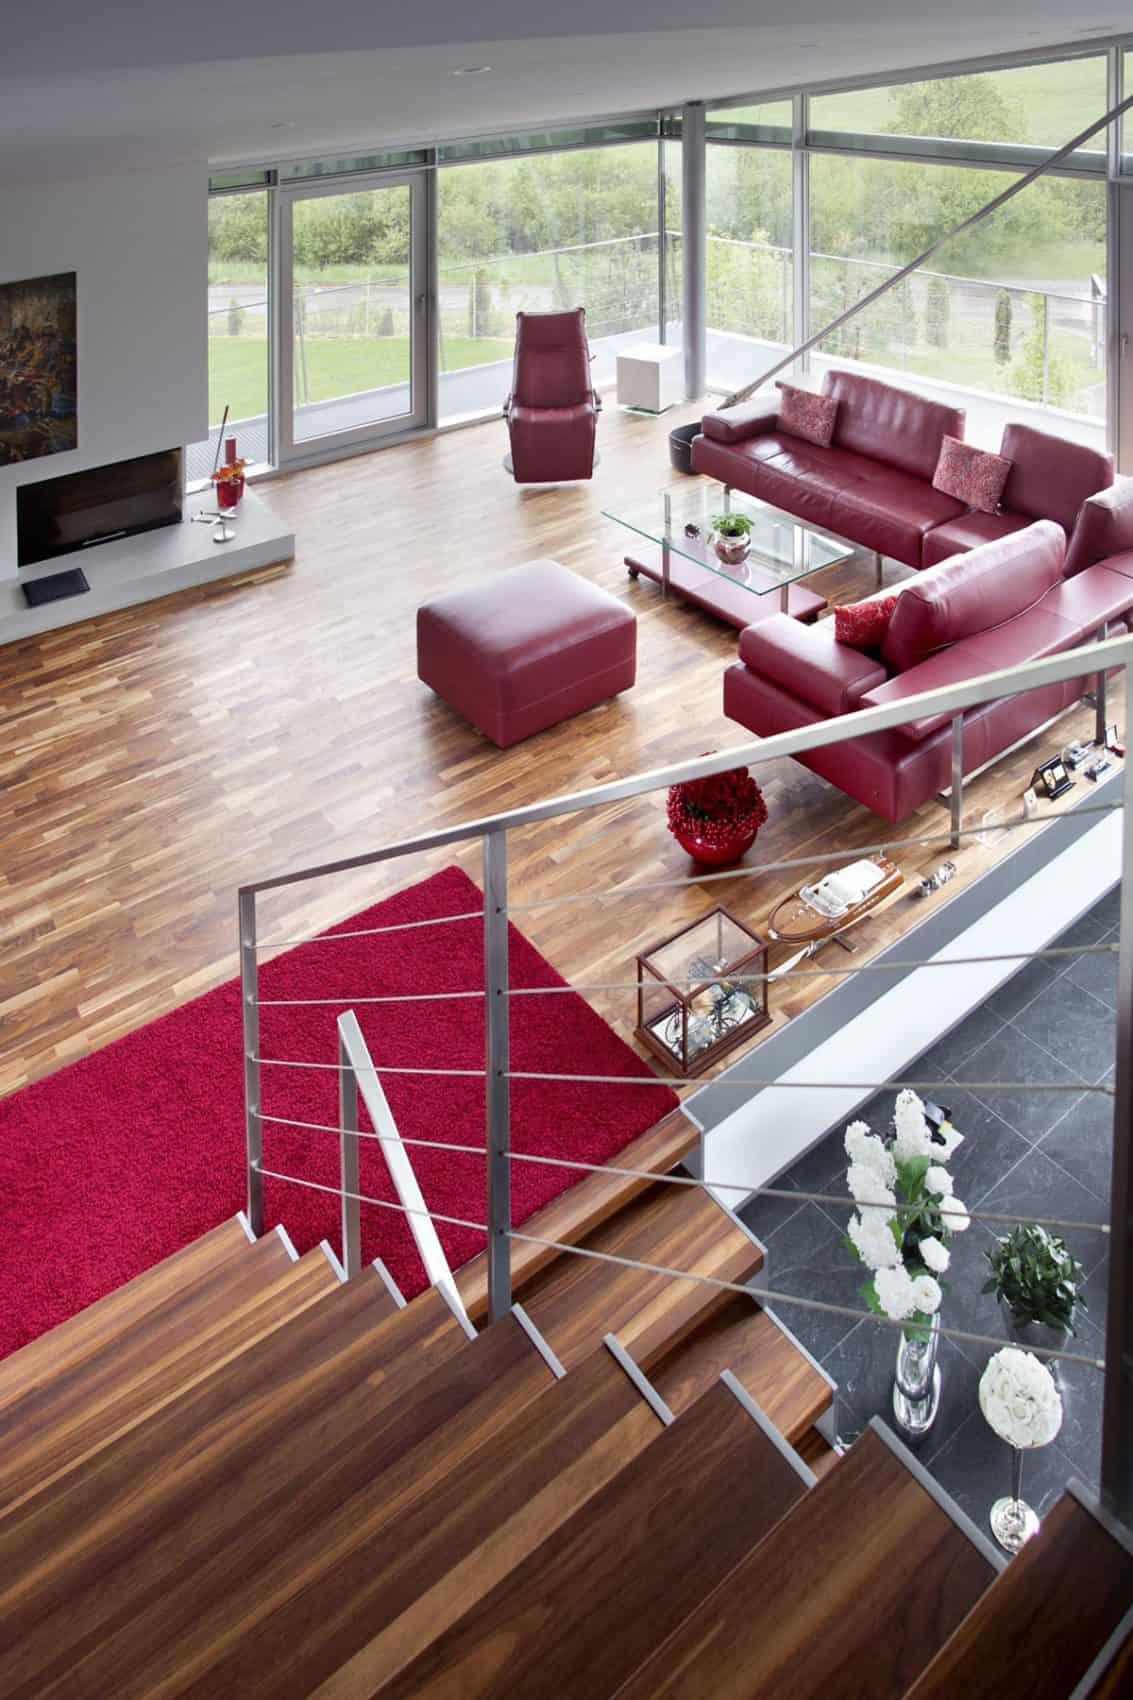 Villa New Interpretation by Eppler + Bühler (7)